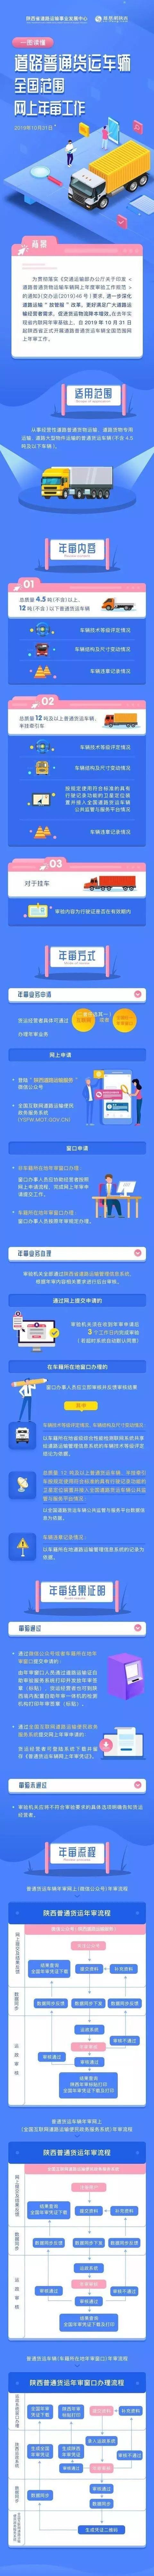 陕西:实现普通货车全国范围网上年审